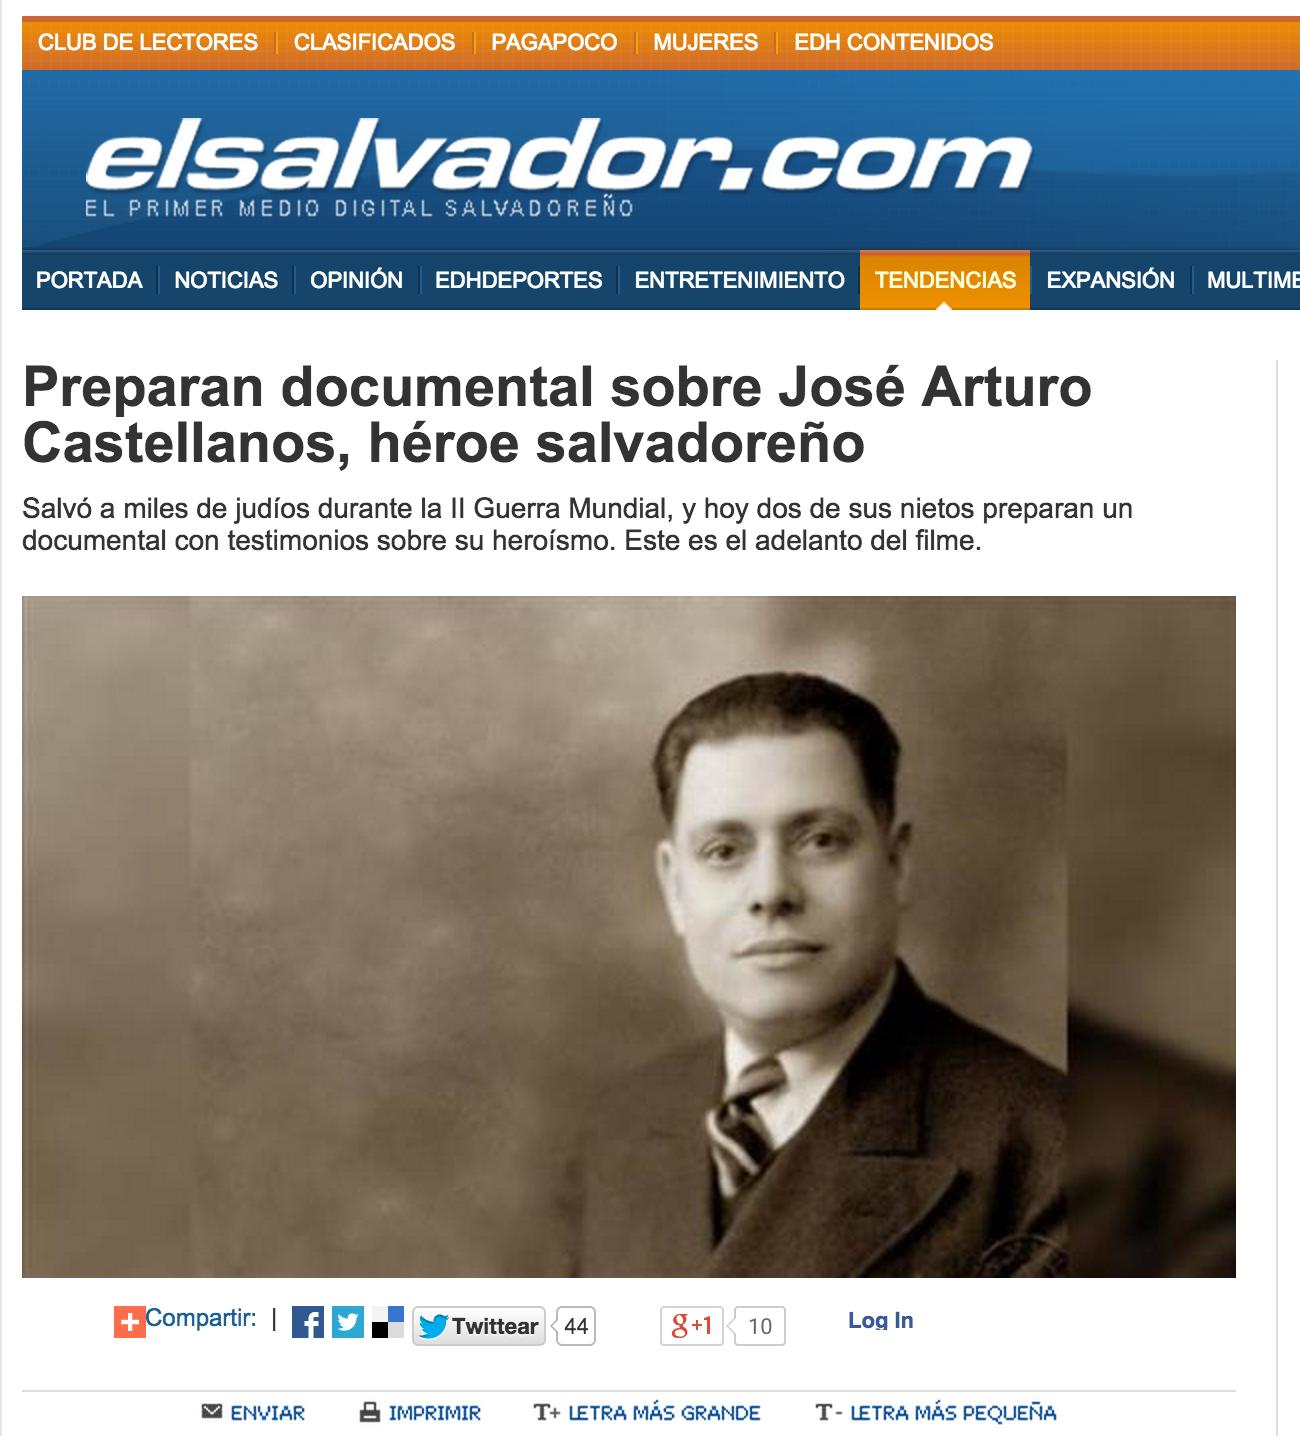 Documental sobre José Arturo Castellanos - elsalvador.com